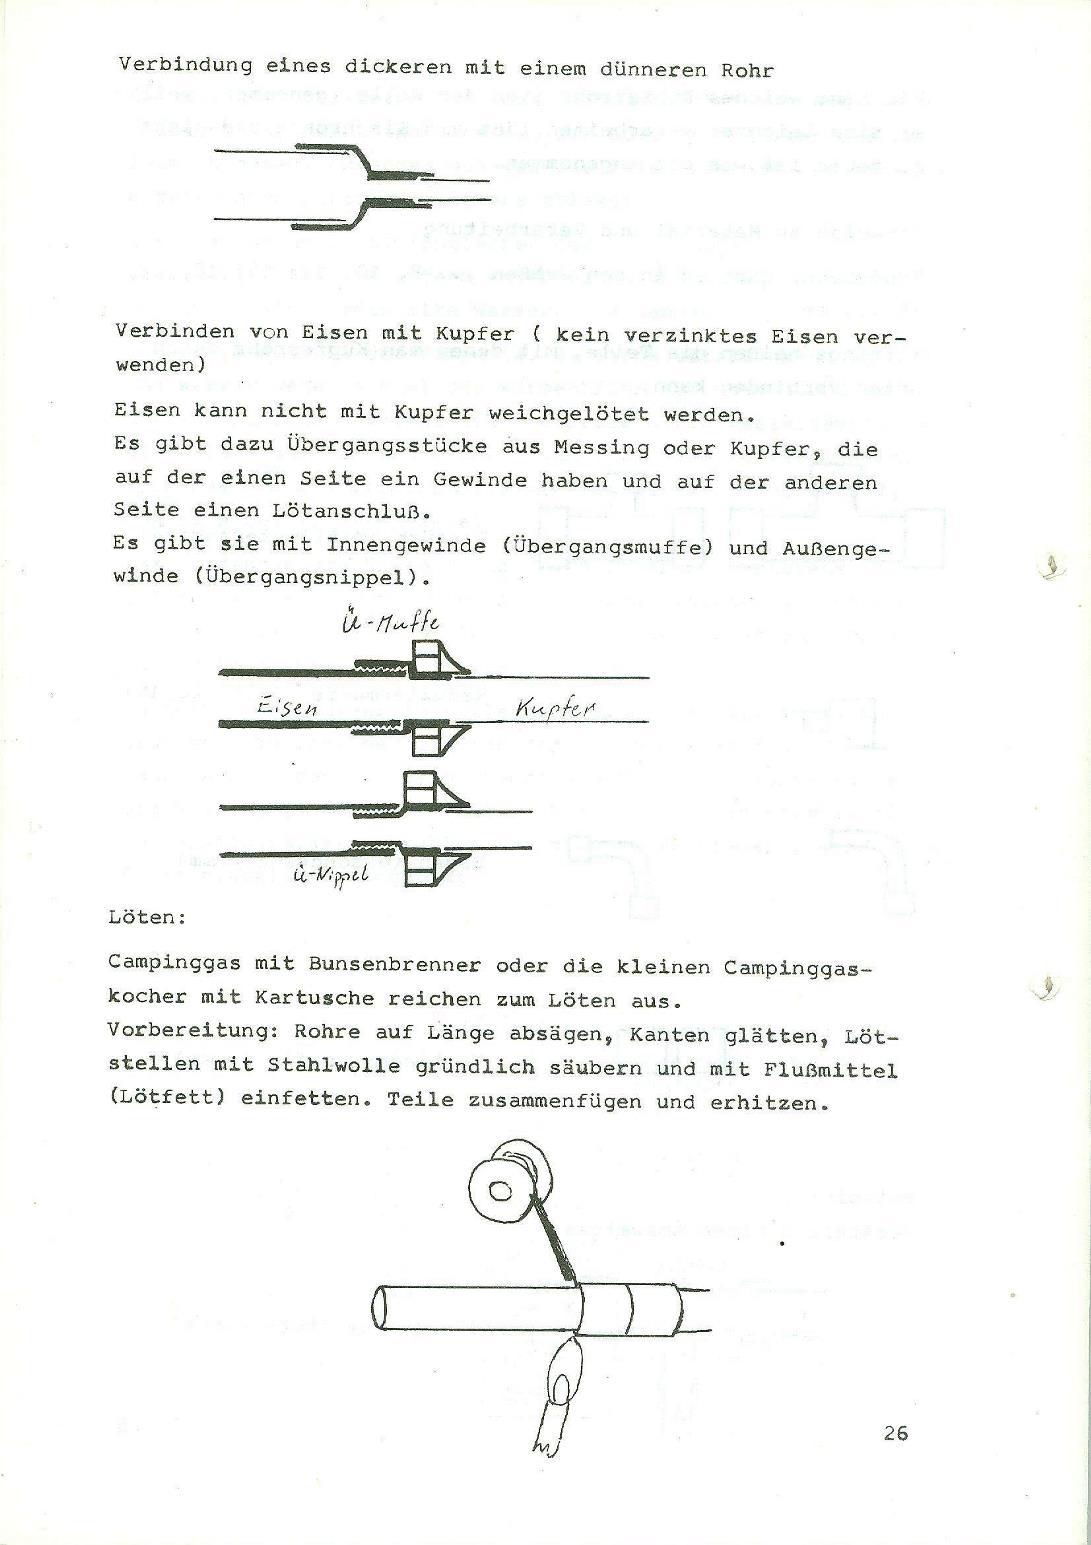 Hessen_AKW083